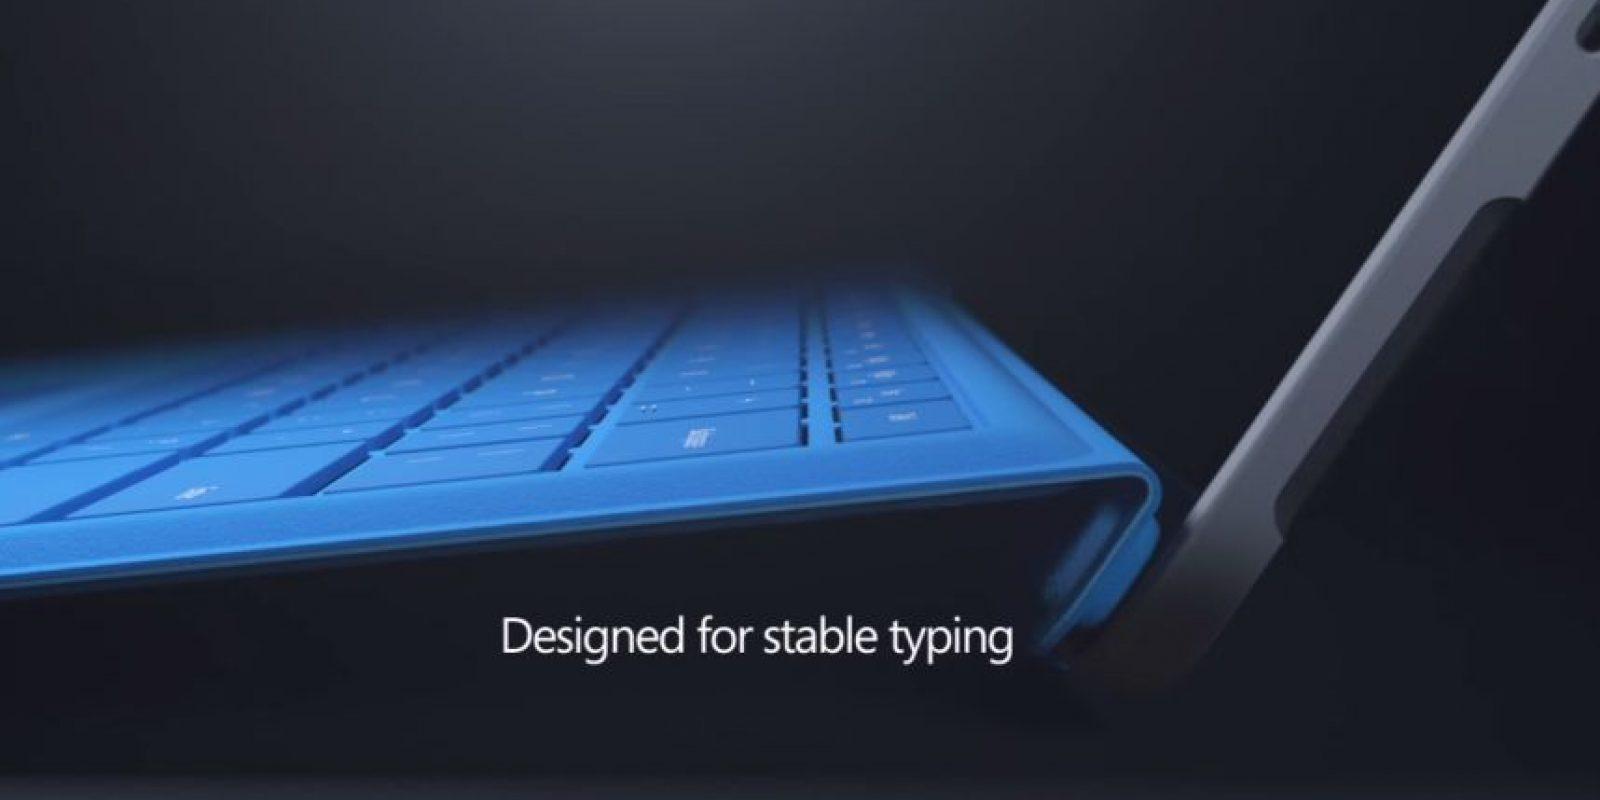 El keyboard tiene teclas más espaciadas Foto:Microsoft